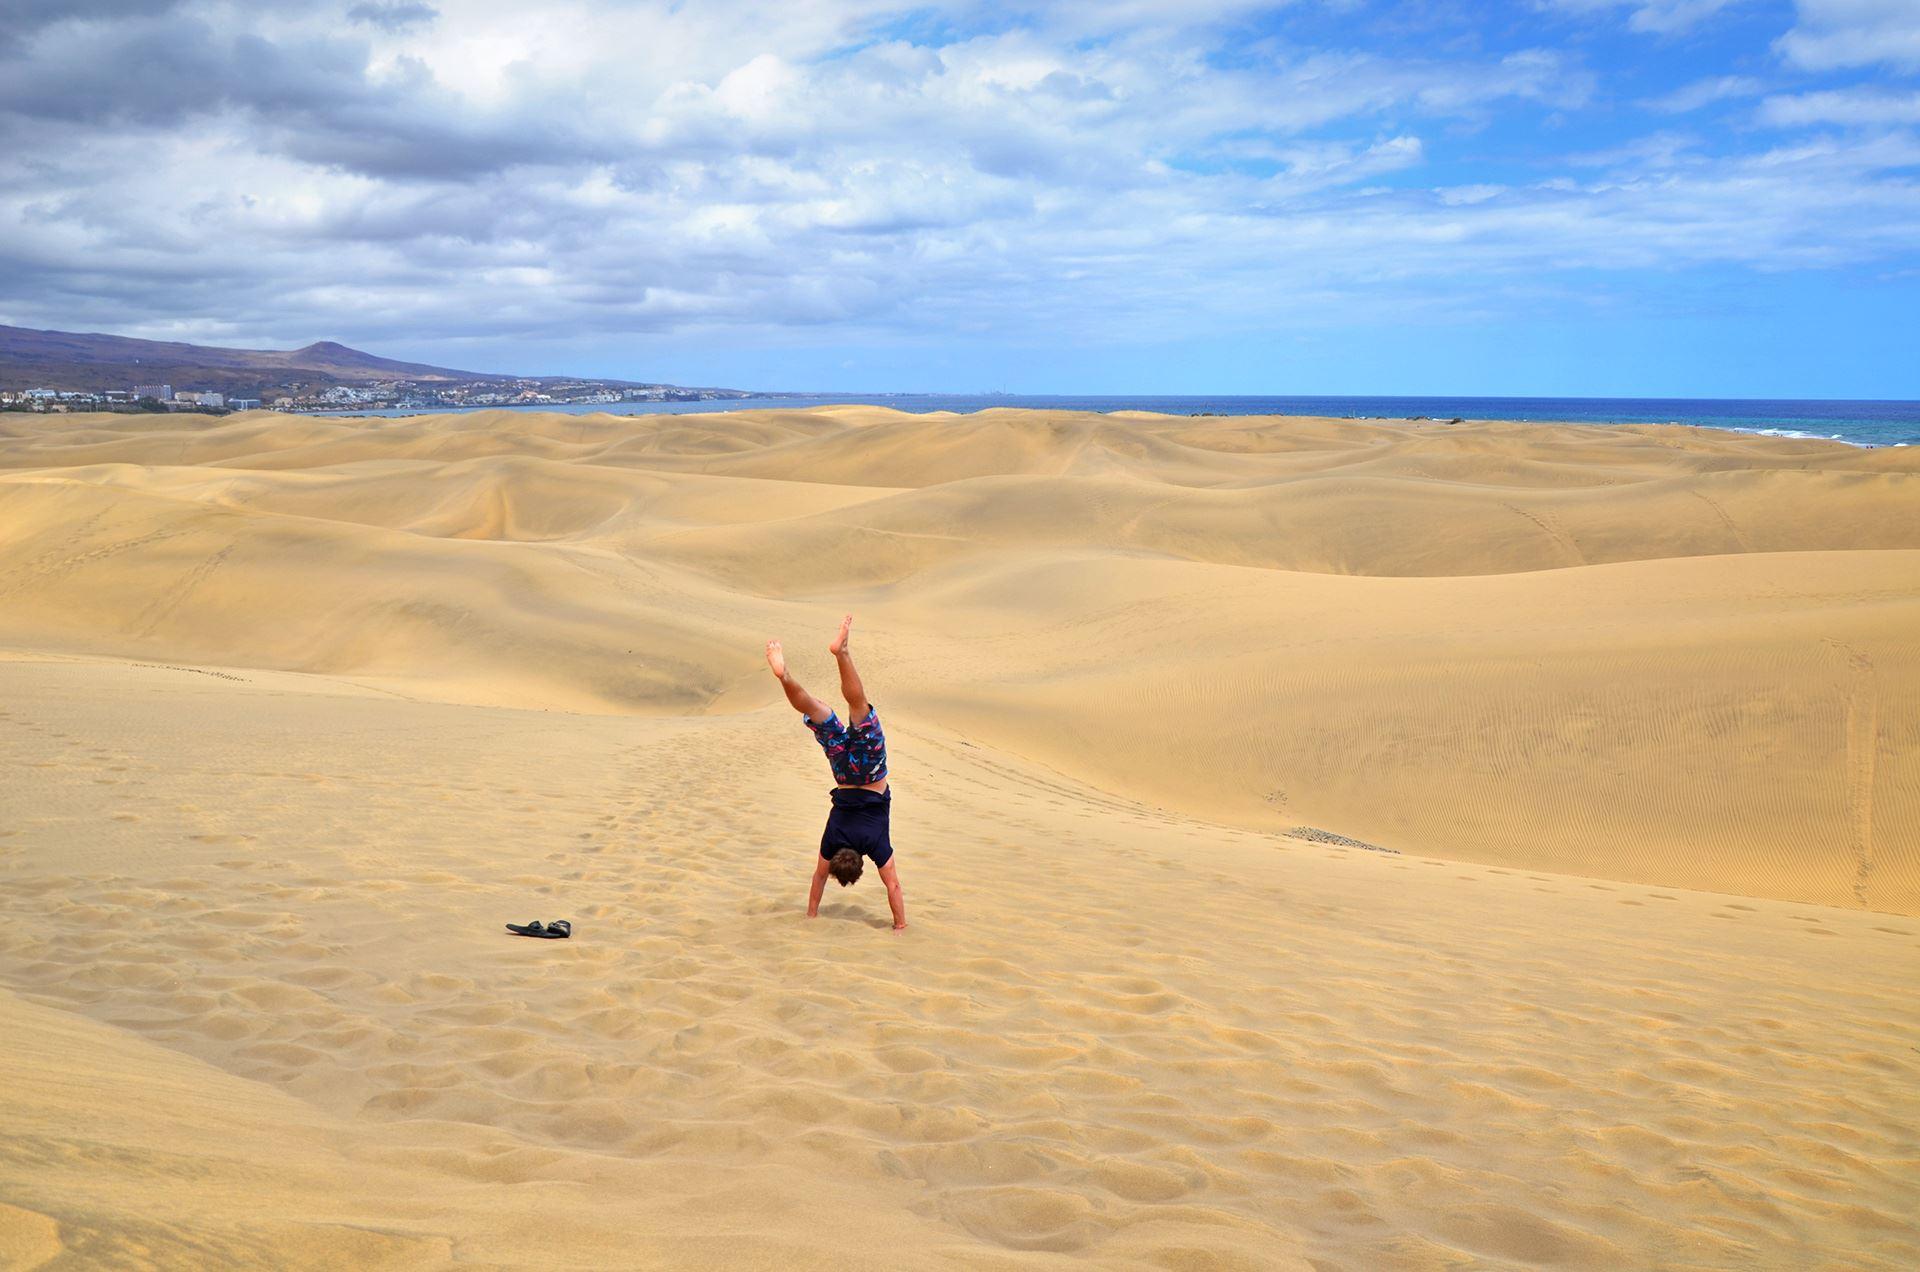 GRAN CANARIA, ŠPANIELSKO V rámci svojich ciest som strávil aj 5 týždňov na Kanárskych ostrovoch. Konkrétne toto sú pieskové duny naviate zo Sahary na ostrove Gran Canaria.